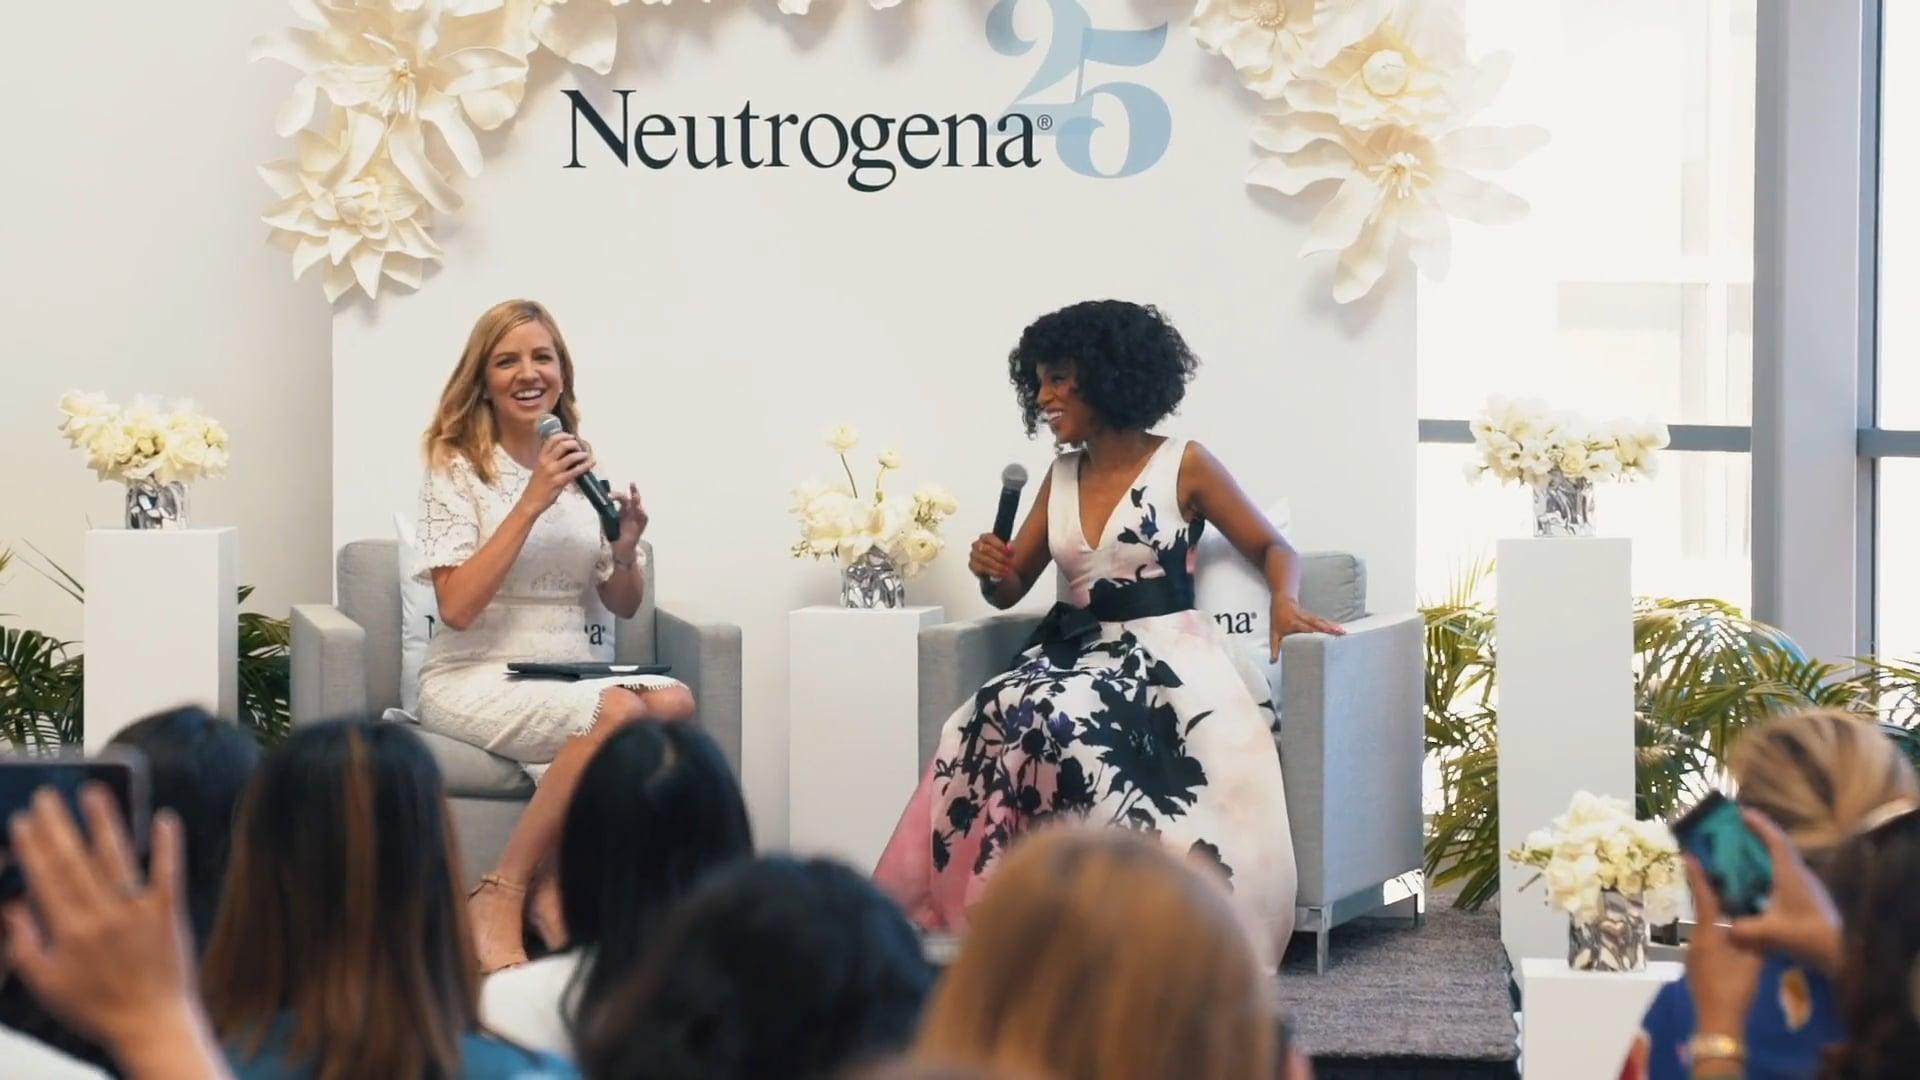 Neutrogena 25th Anniversary - with Kerry Washington